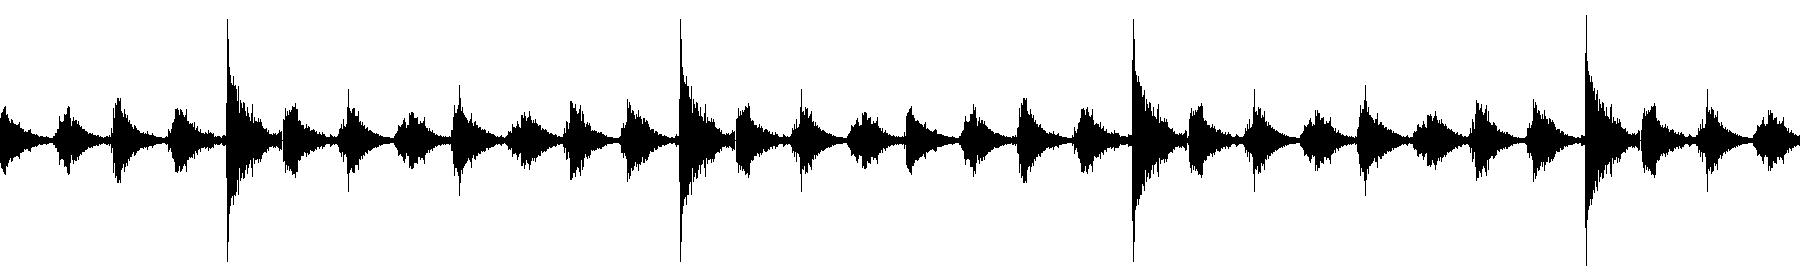 percussion10 127bpm